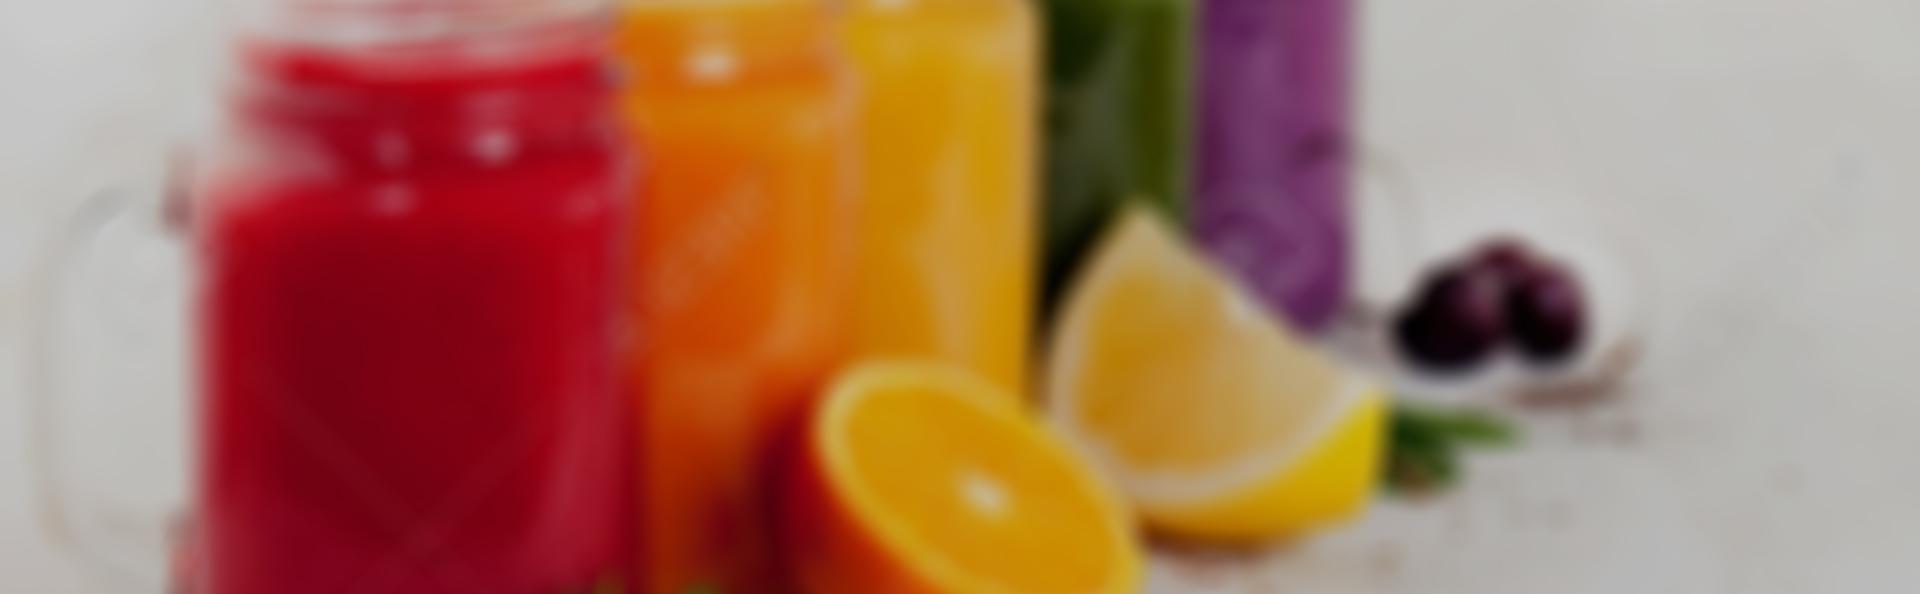 juice-fade